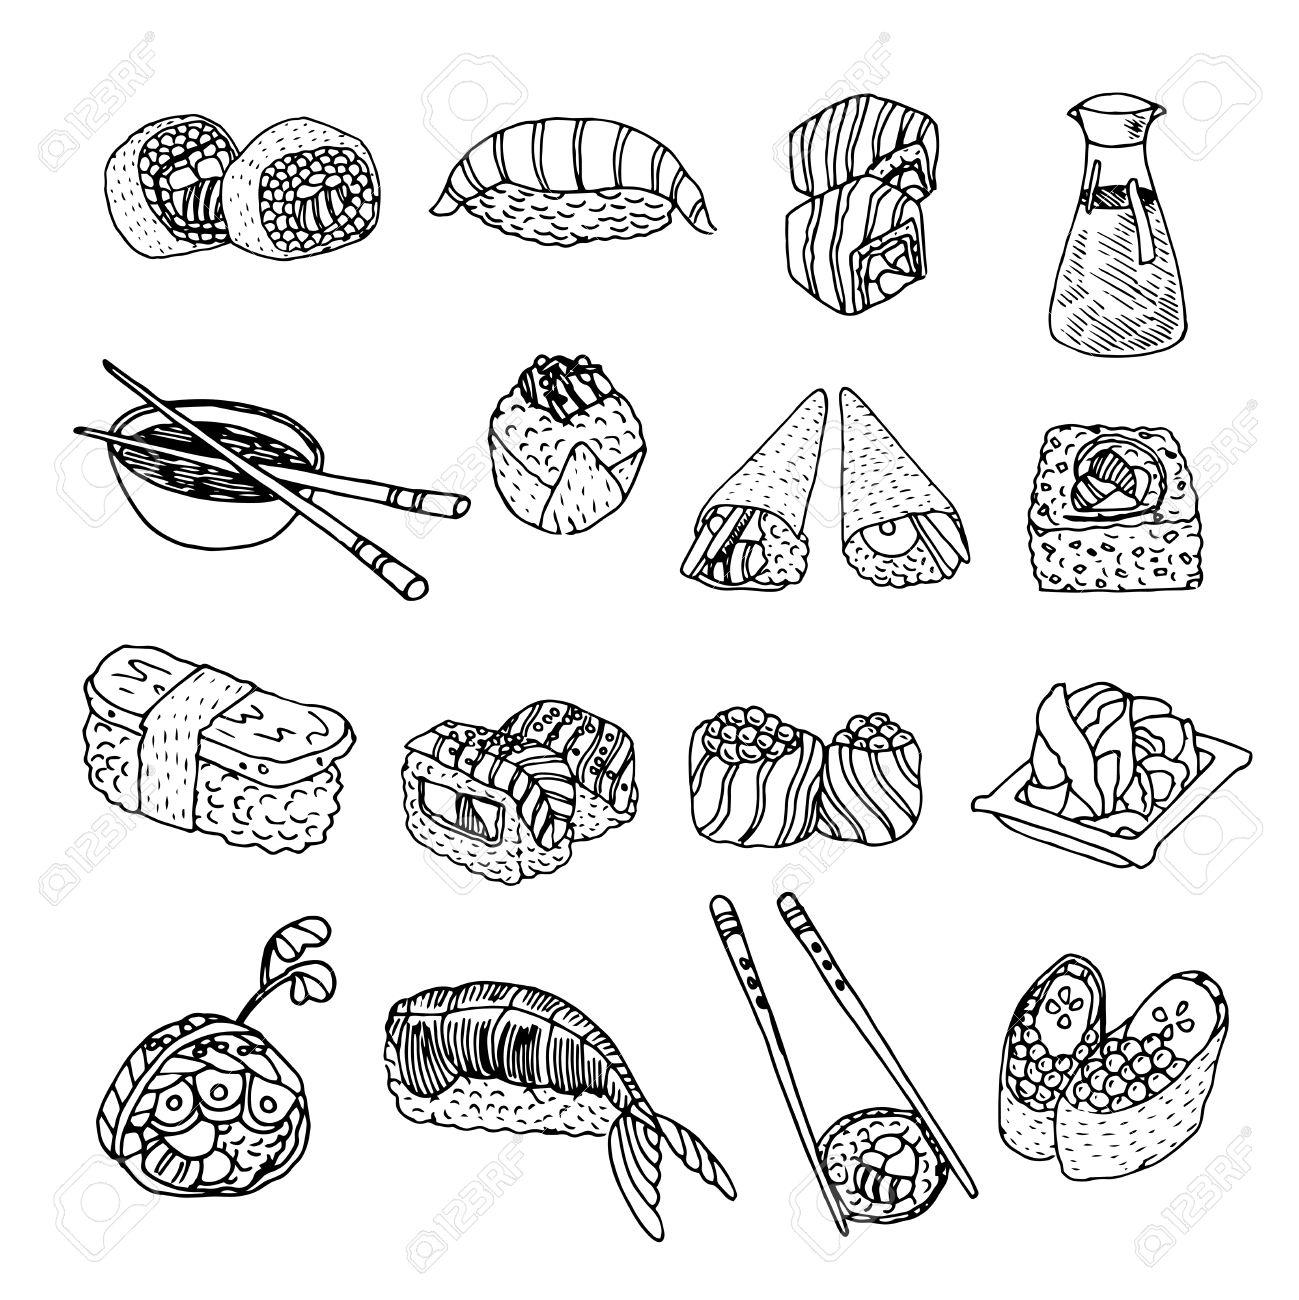 Vettoriale - Pesce Asia Menù Cucina Di Mare E Piatti Di Frutti Di ...